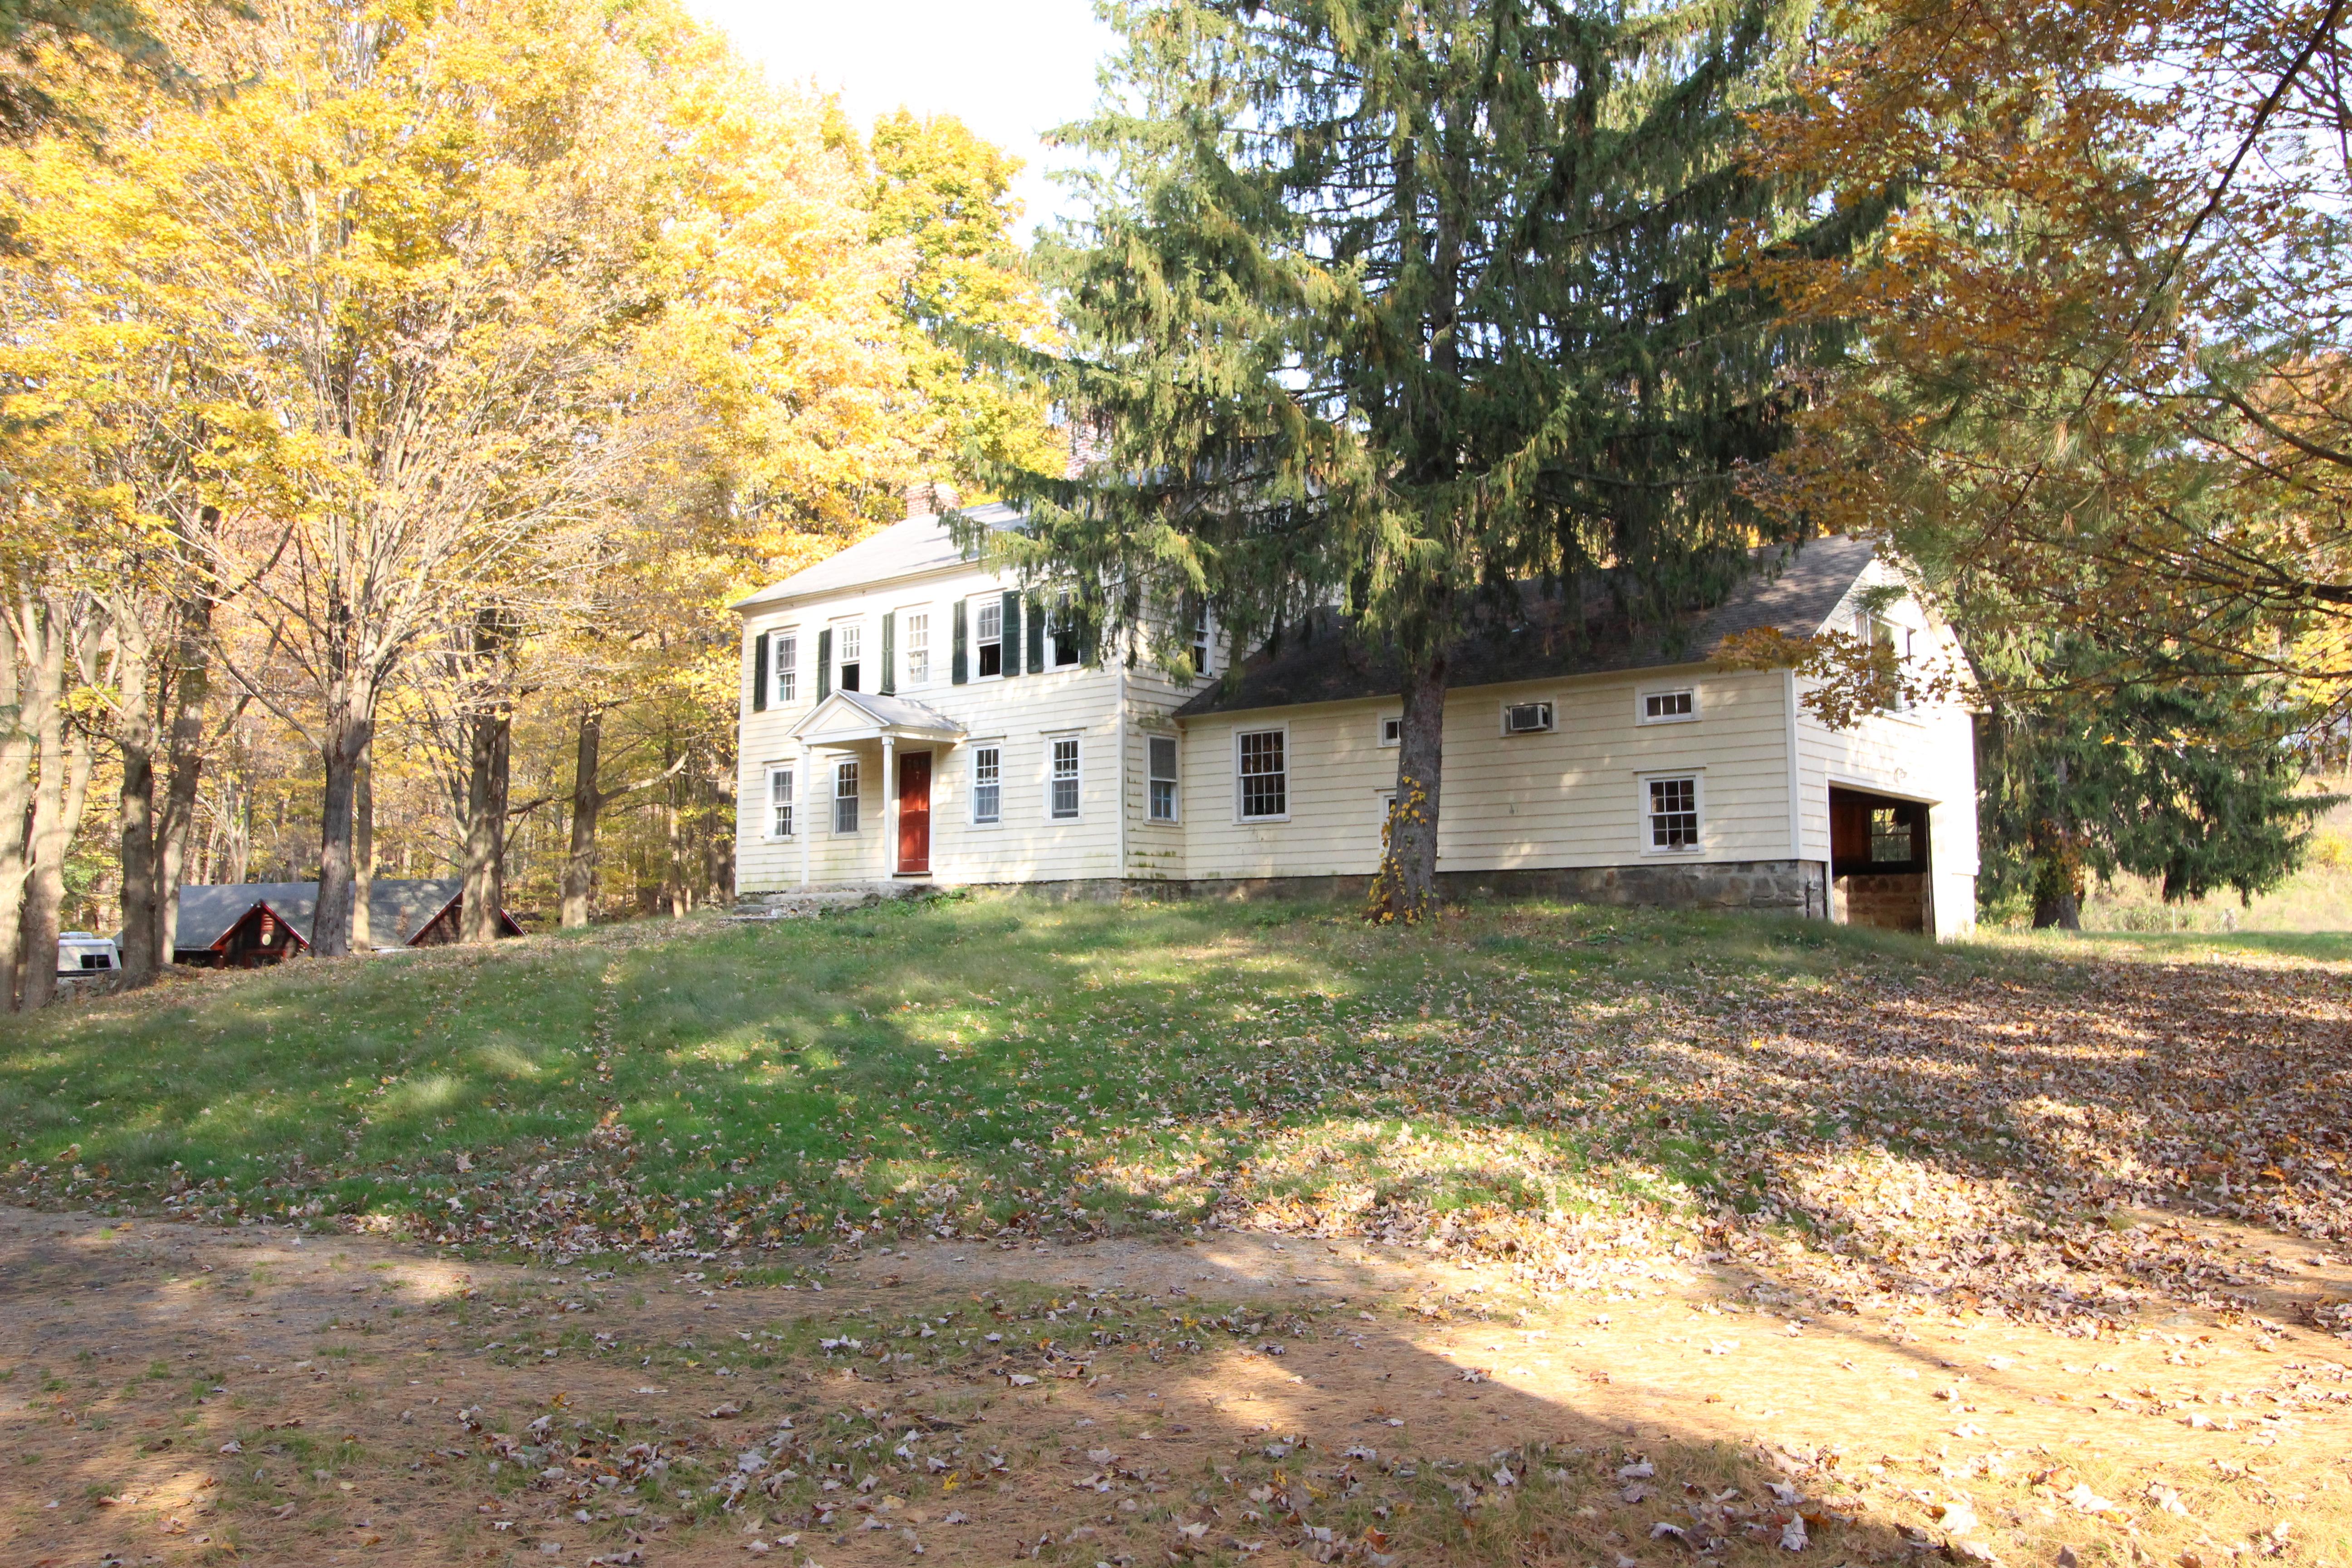 Casa Unifamiliar por un Venta en Pastoral Property-Unbeatable Location 7 Waterbury Street Weston, Connecticut, 06883 Estados Unidos